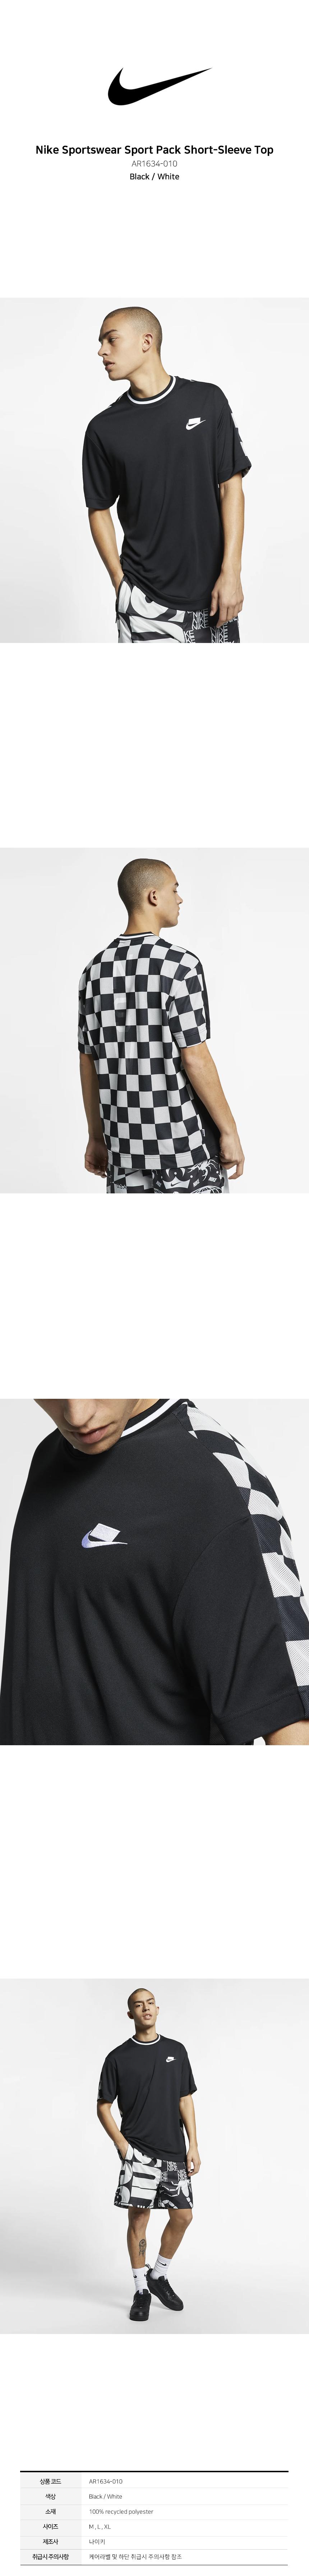 [해외] 나이키 NSW 스포츠팩 티셔츠 블랙 AR1634-010